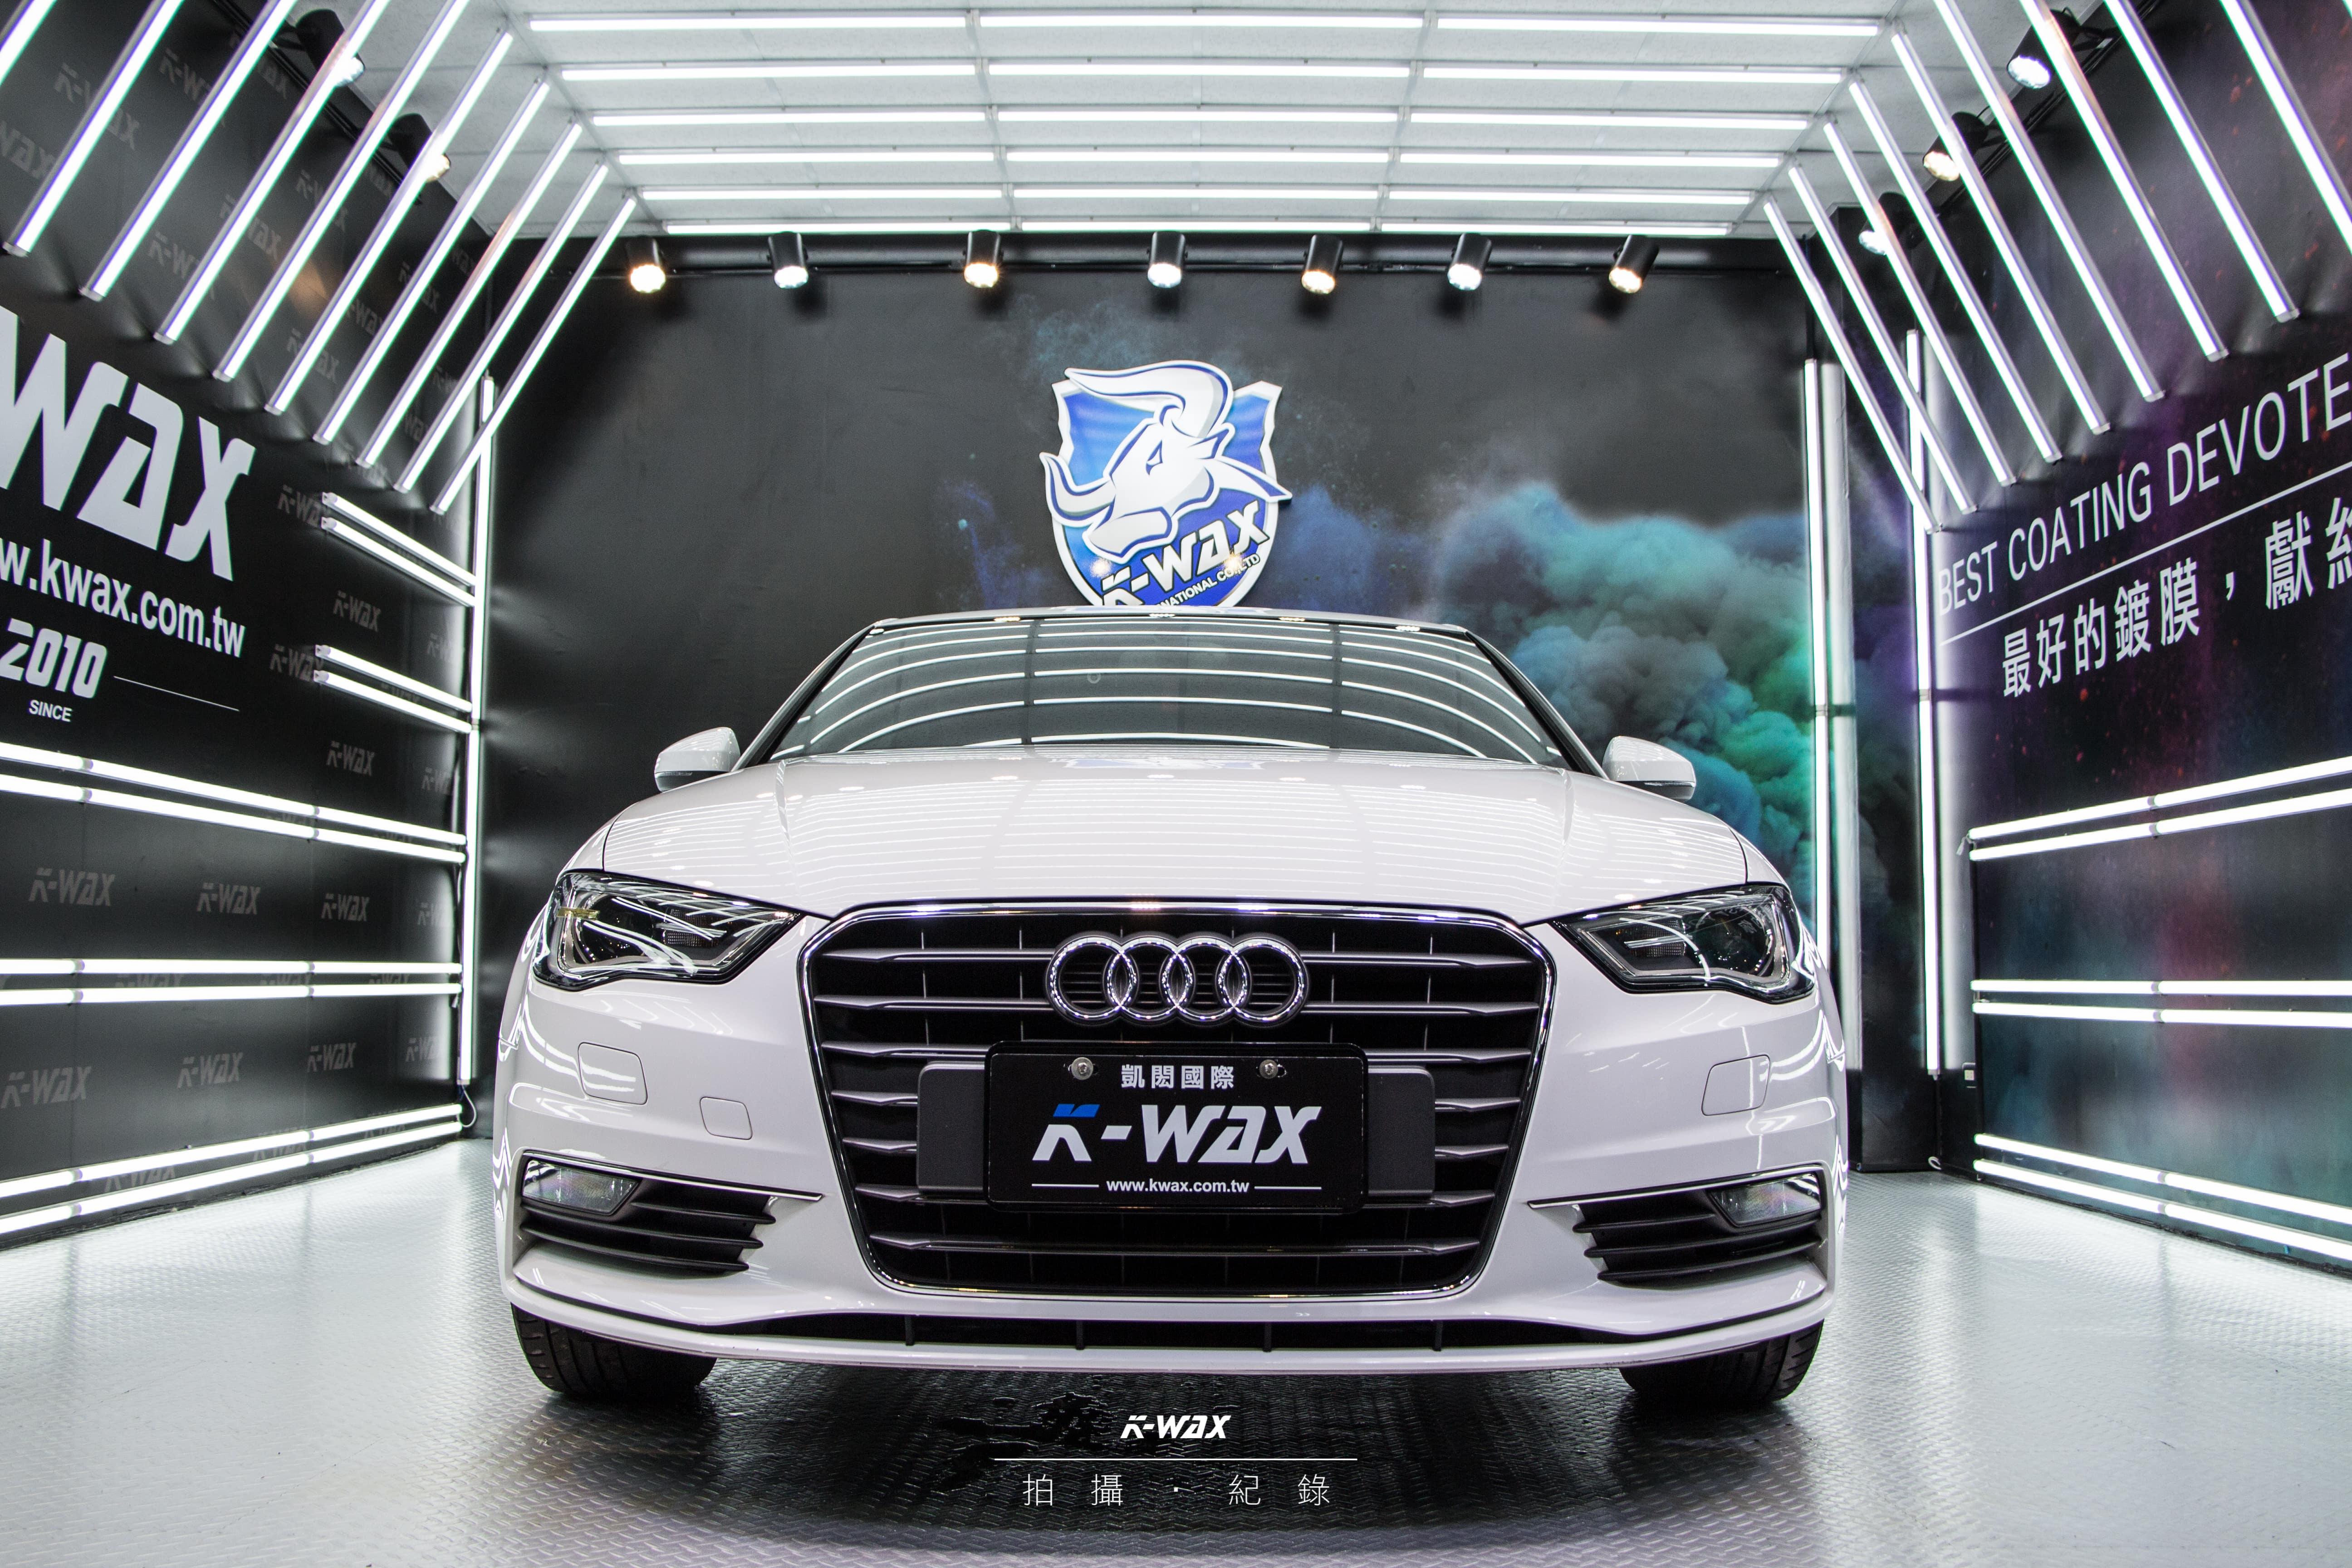 K-WAX NSC 奈米超級鍍膜 Audi A3